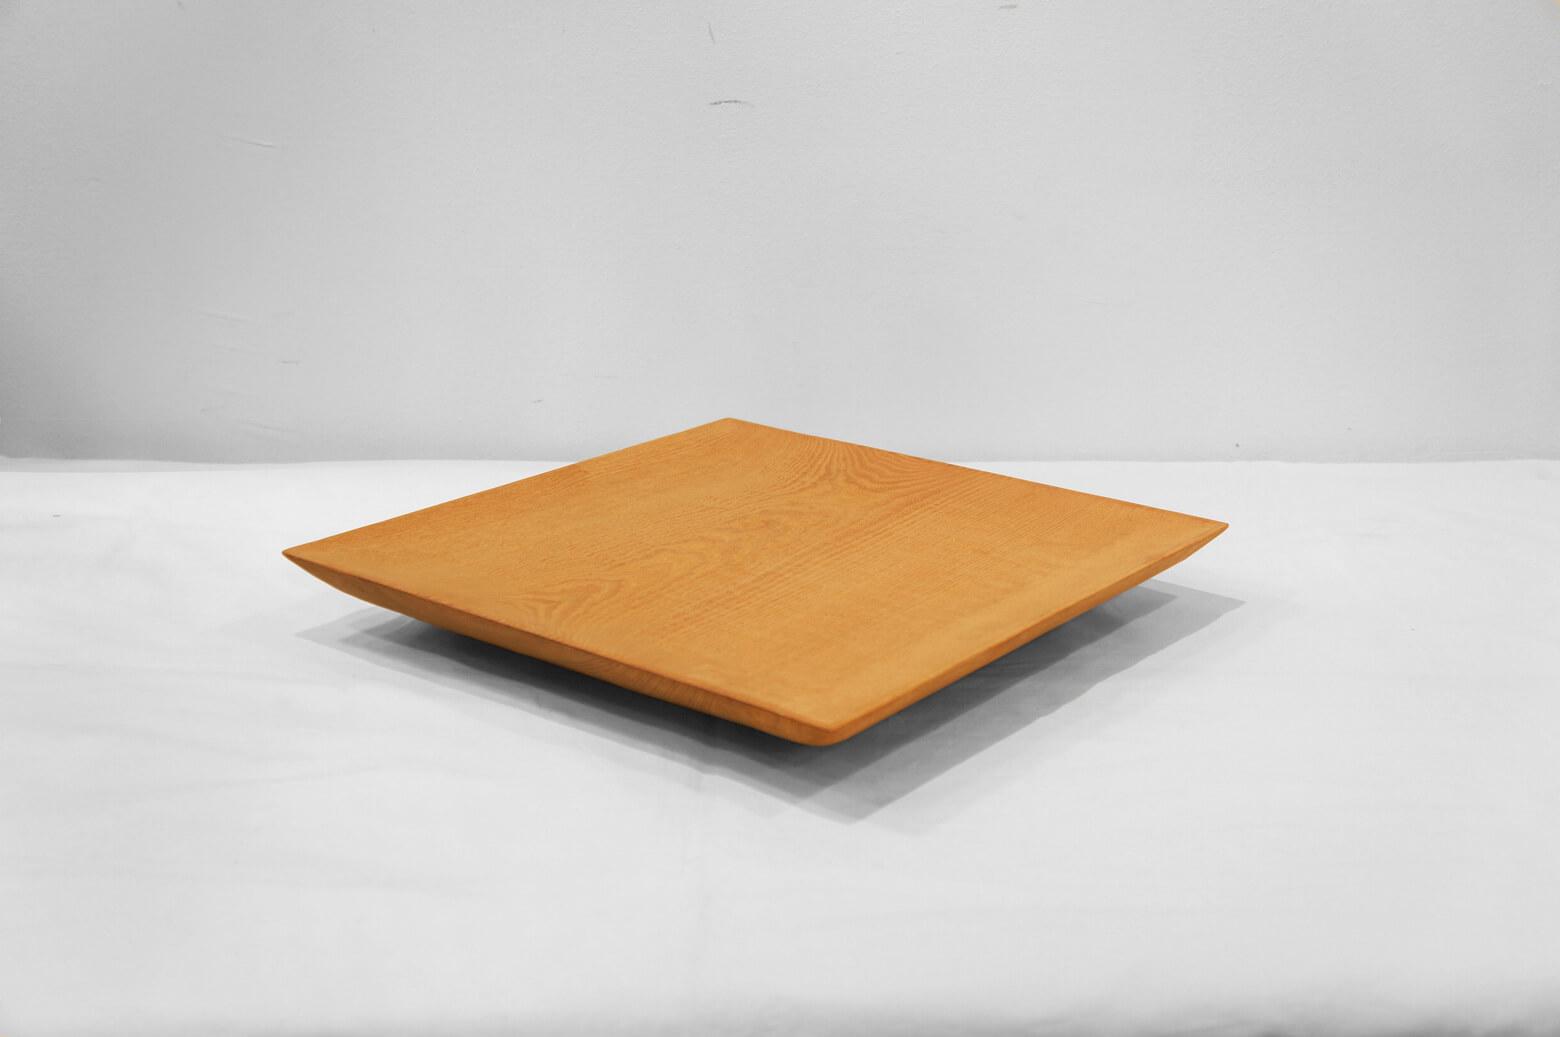 """木工デザイナー、三谷龍二さんが手掛けた四方皿。 桜の無垢材を丁寧に削り出して作られています。 シンプルな四角形の木の器ですが、無垢材の温もり、力強さが存分に感じられます。 三谷さんの作品のなかでもこちらの四方皿のように大きなサイズはとても珍しい作品です。 日常使いするのは勿体なくて飾っておきたいと思ってしまいそうですが、三谷さんが作るお皿は""""陶磁器のような普段使いできる木の器""""として作られています。 ぜひ他の食器と一緒にテーブルに並べてお使いください。 裏に汚れがございます。 また、経年や使用に伴い、製作当時よりも表面の色合いが変化していると思われます。 使っていくごとに増していく木の深い味わいをお楽しみください。 三谷さんの繊細な手仕事が感じられる作品はとても人気が高く、個展を開くと行列ができて作品はすぐに完売してしまうのだとか… お探しの方はぜひお見逃しなく! ~【東京都杉並区阿佐ヶ谷北アンティークショップ 古一】 古一/ふるいちでは出張無料買取も行っております。杉並区周辺はもちろん、世田谷区・目黒区・武蔵野市・新宿区等の東京近郊のお見積もりも!ビンテージ家具・インテリア雑貨・ランプ・USED品・ リサイクルなら古一/フルイチへ~"""